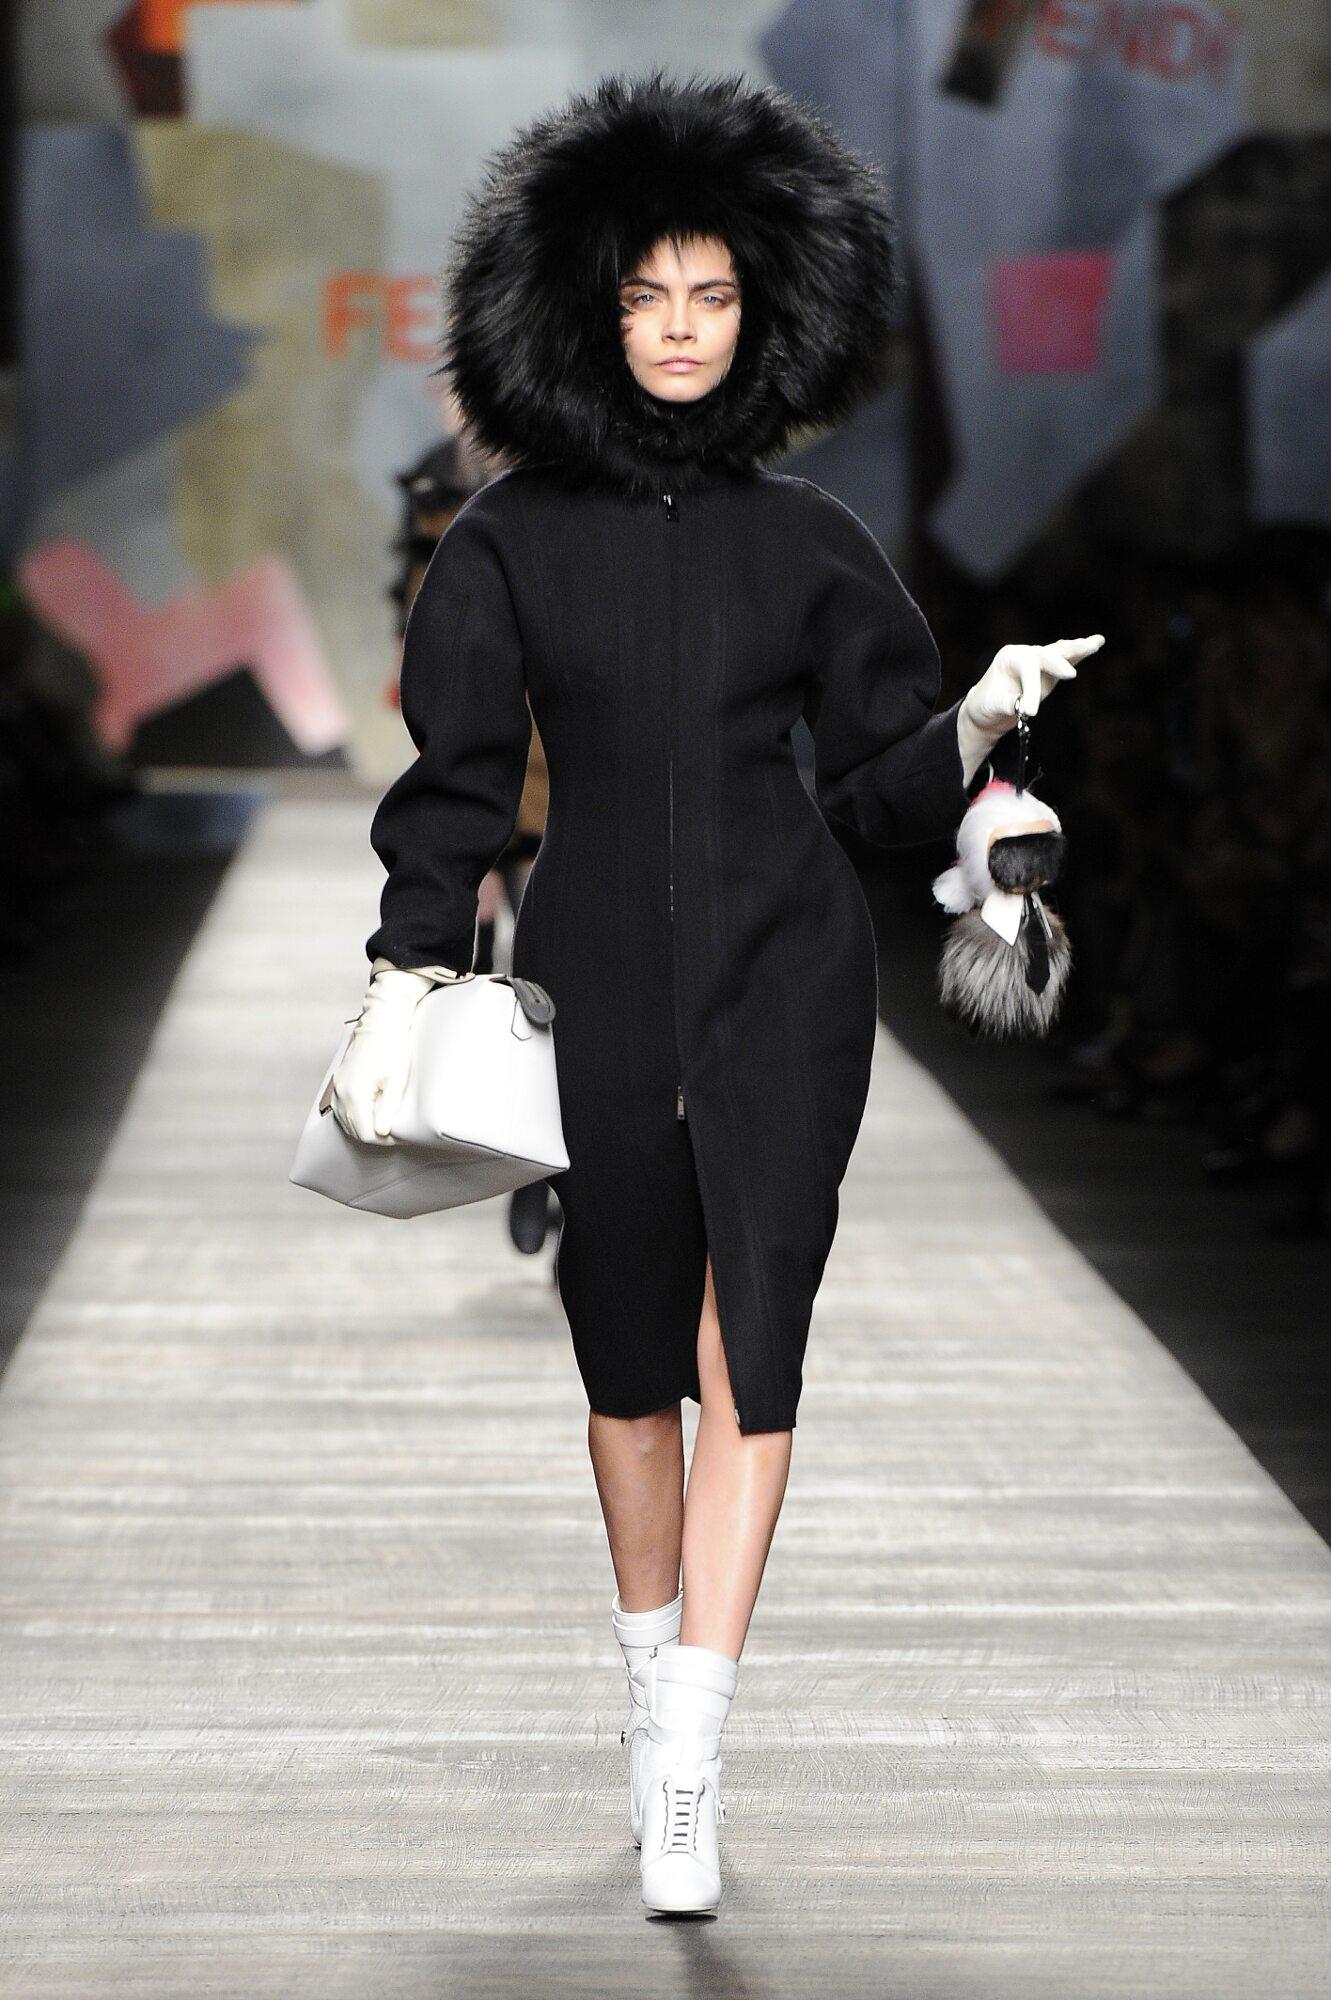 Fendi Woman Milano Fashion Week